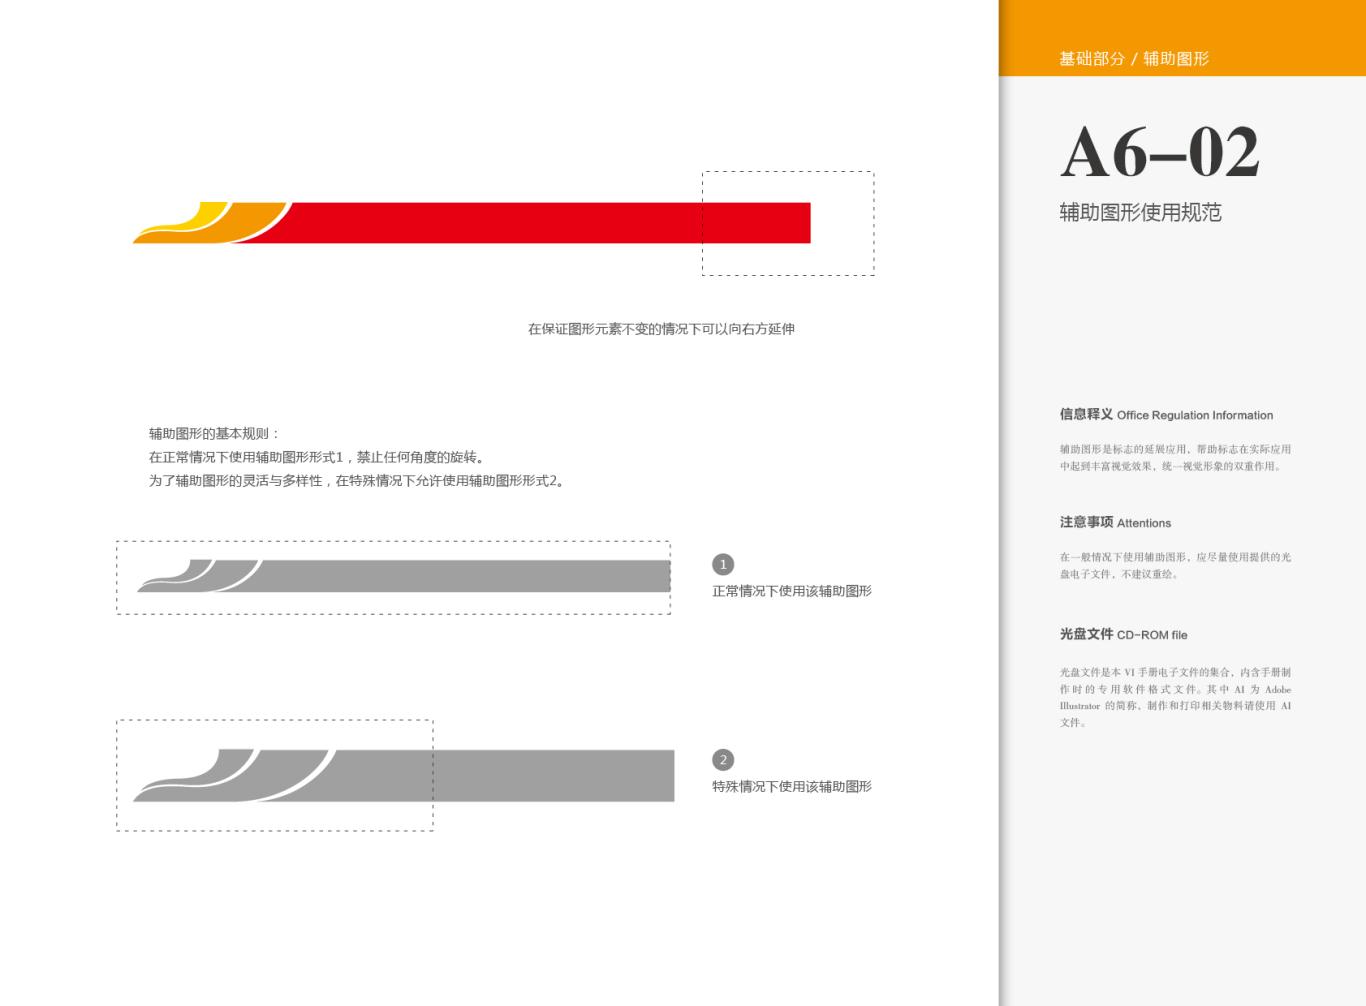 华唐教育集团 VI图32